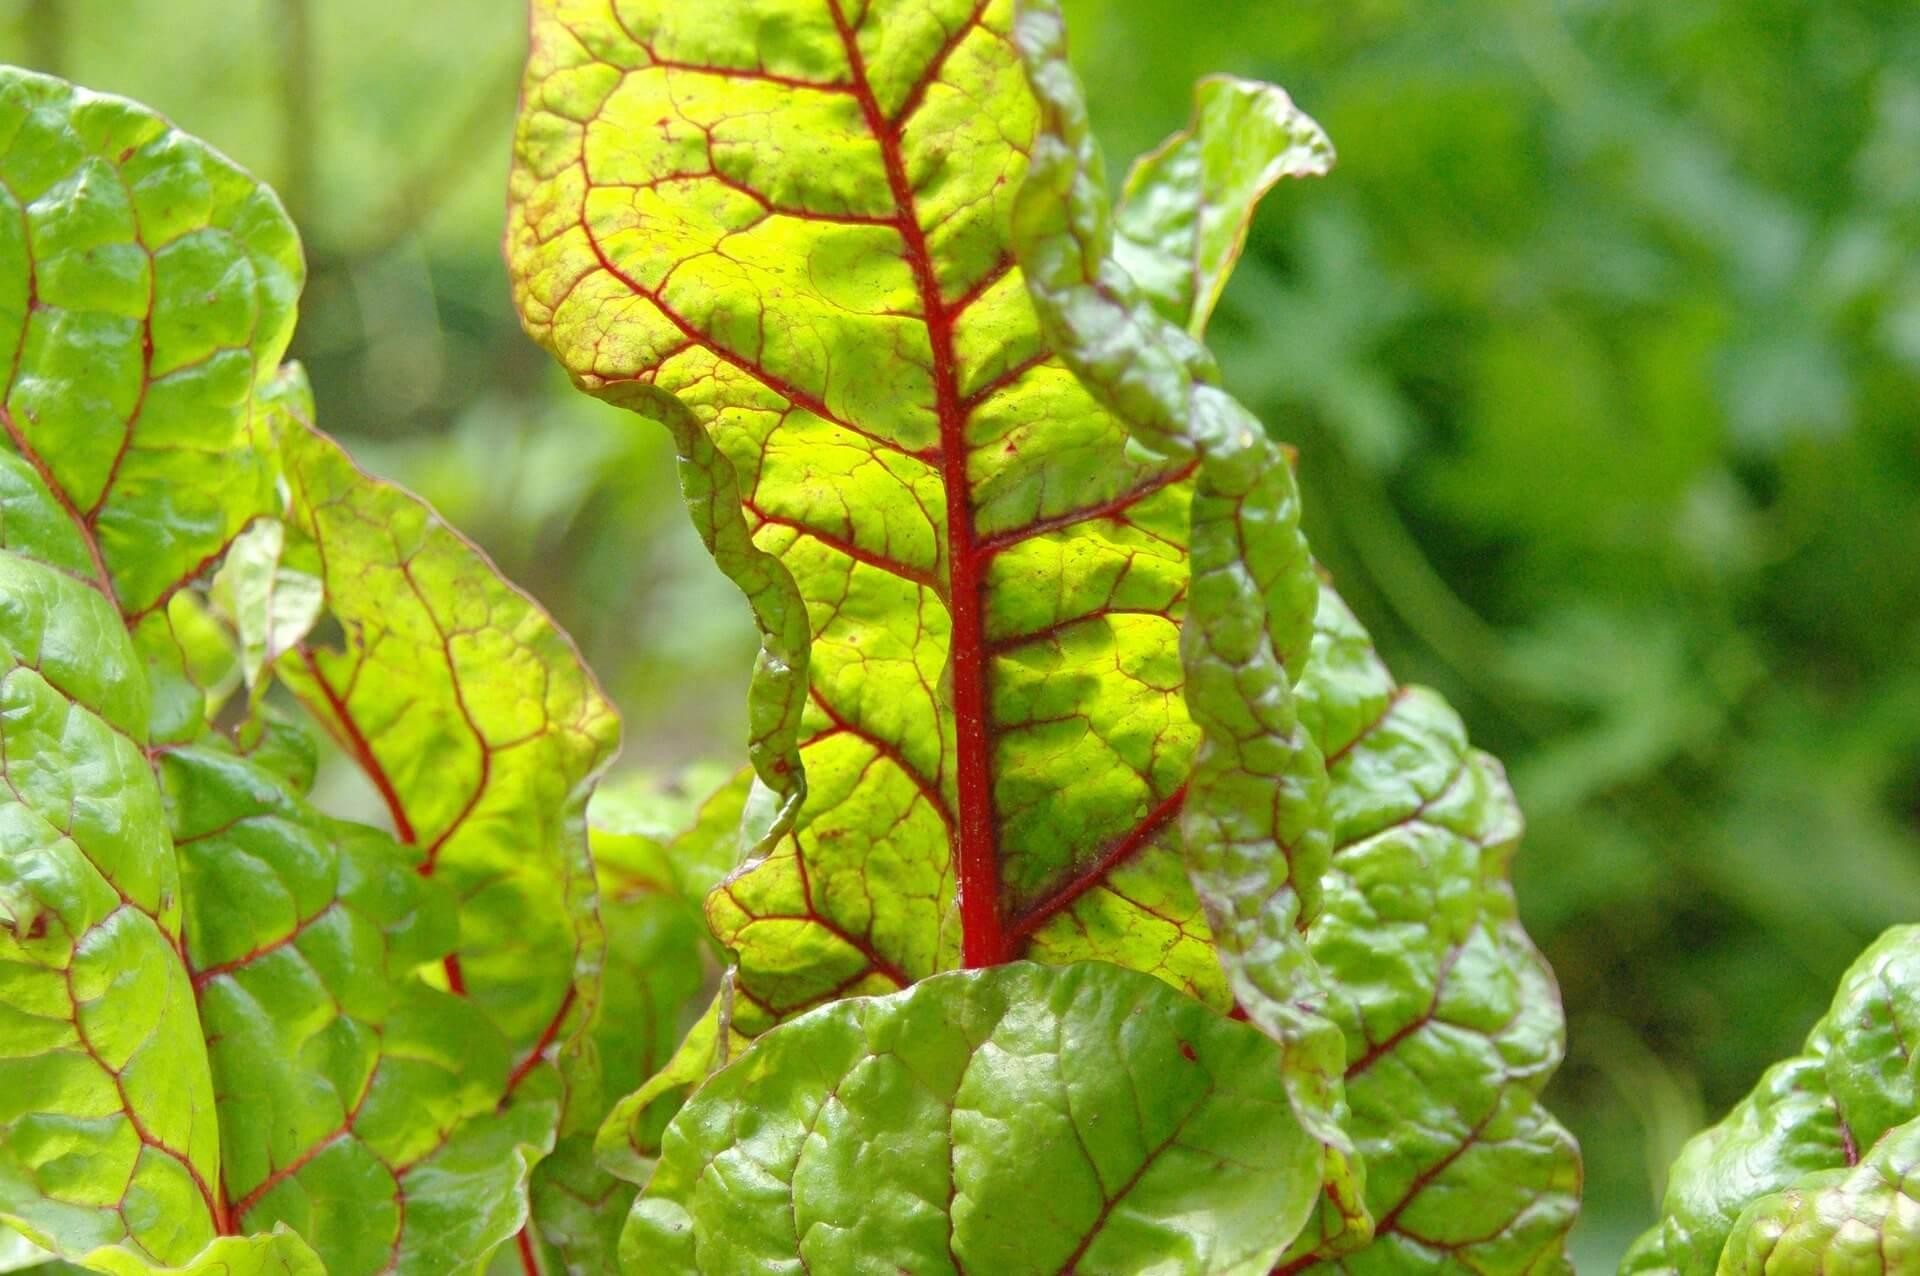 Gemeinsame Mangold-Samen & Aussaat zum Pflanzen kaufen   ab 0,89 € @DG_95